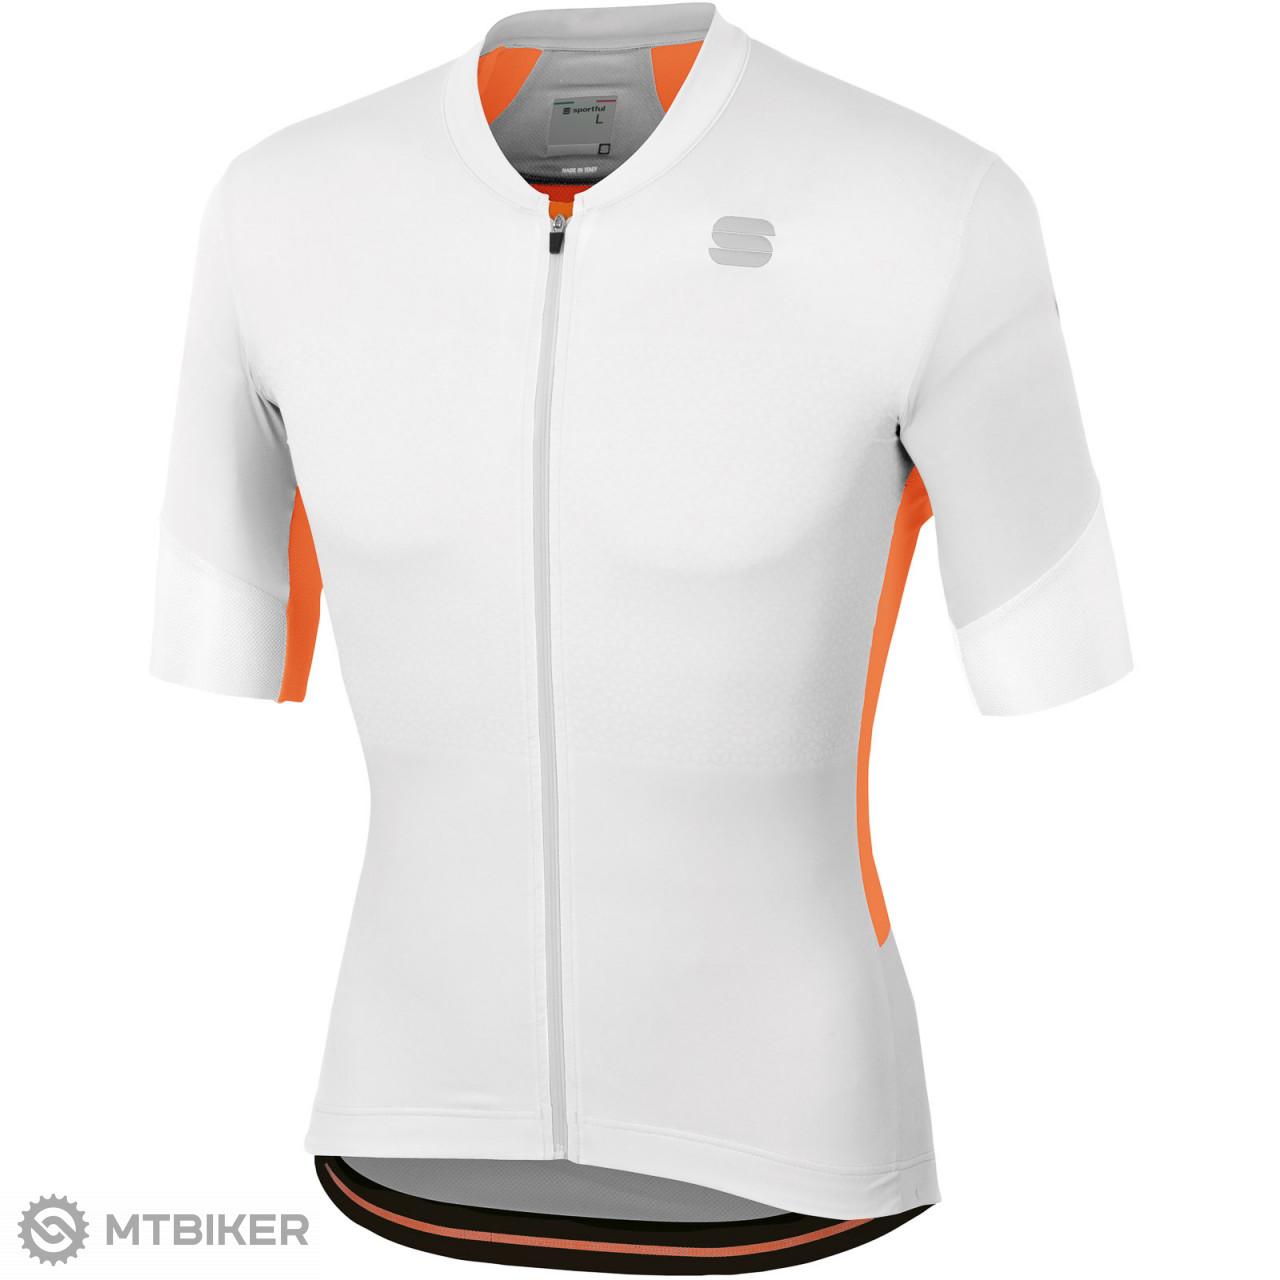 3347f446b669 Sportful GTS dres biely svetlosivý oranžový - MTBIKER Shop